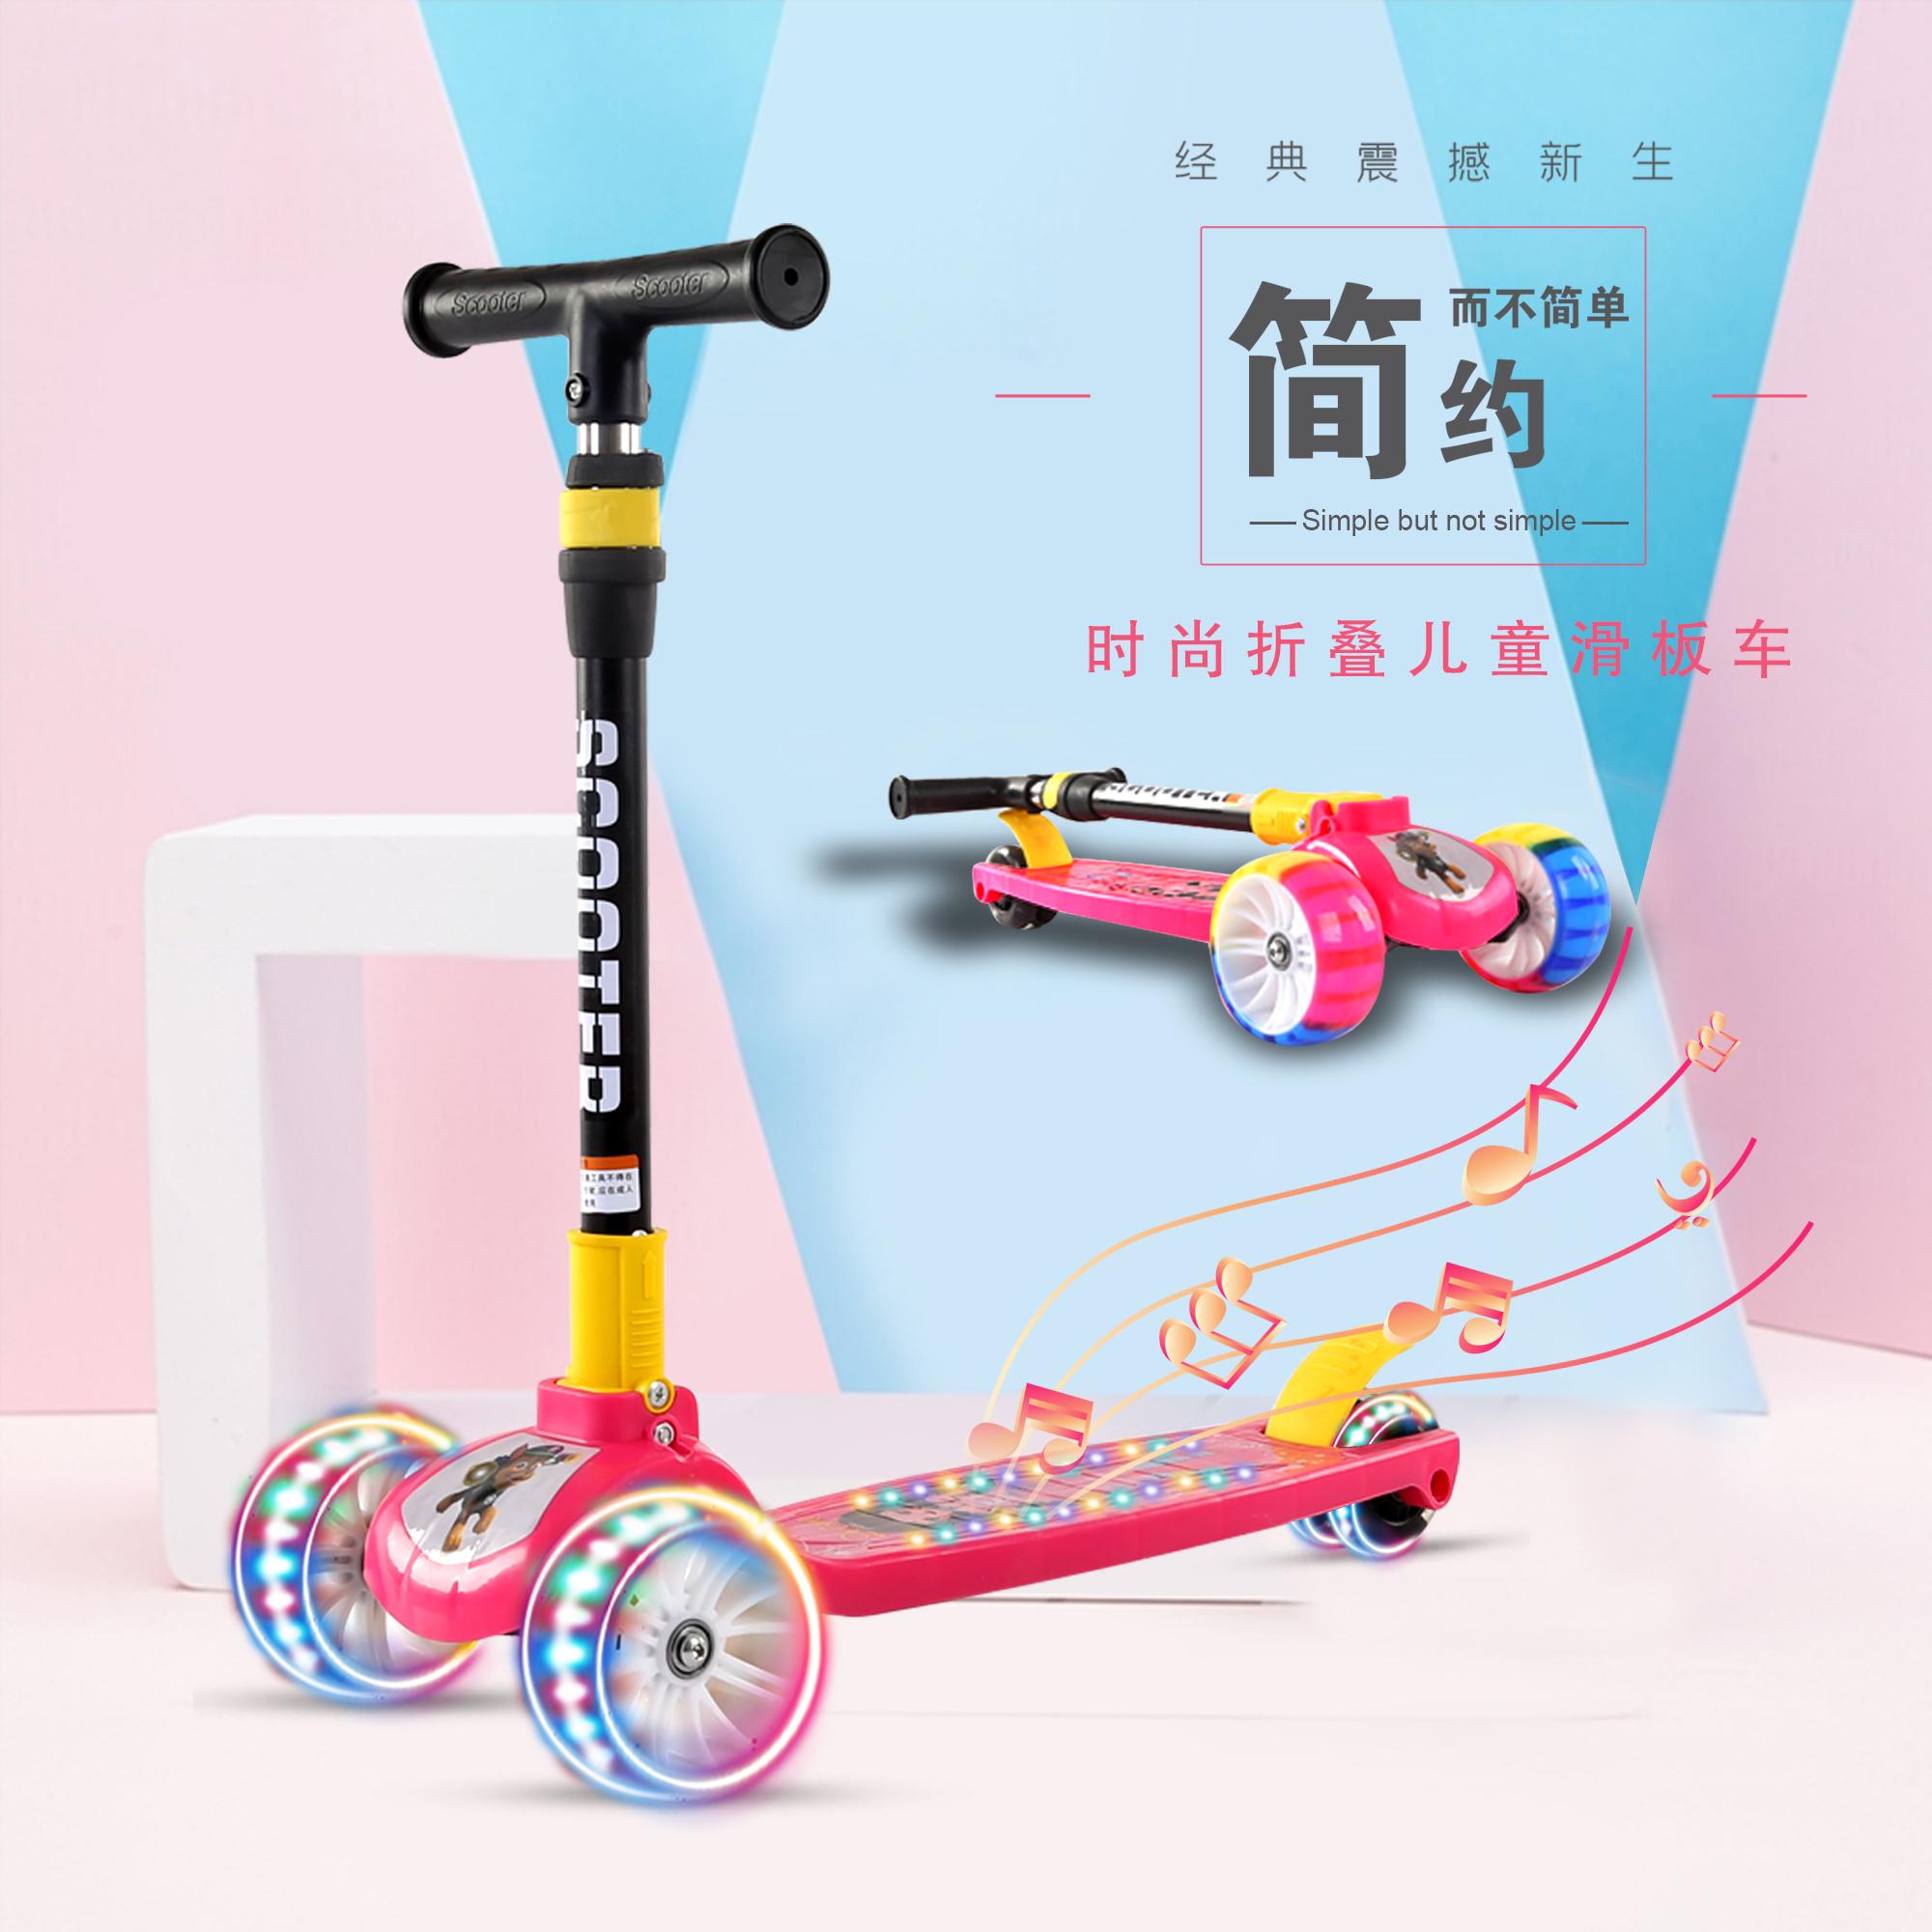 儿童折叠滑板车灯光音乐米高幼儿2-12男女宝贝礼物平衡溜溜划板车